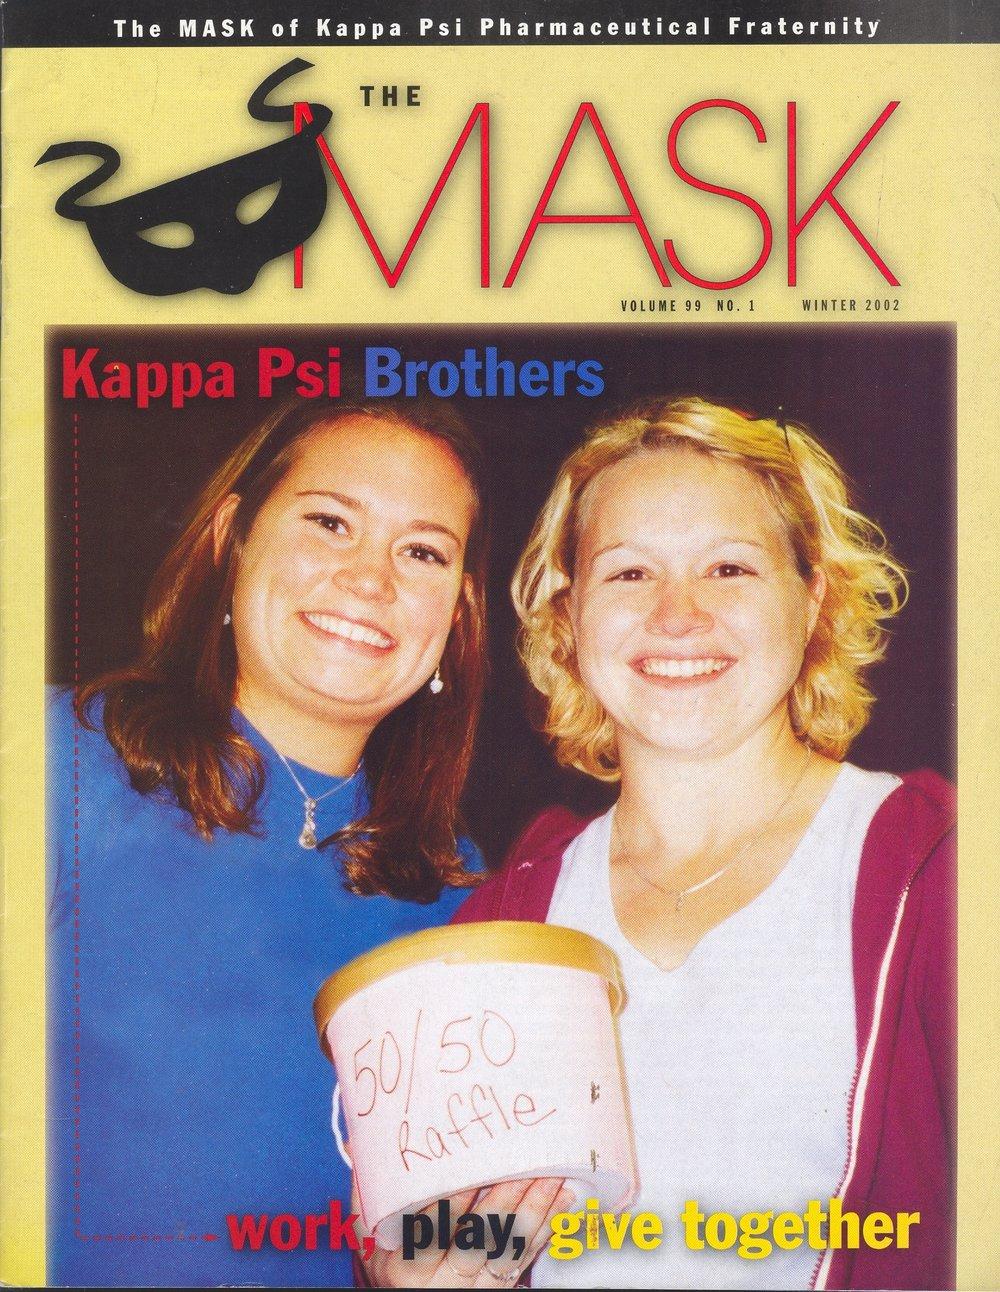 mask_cover_99-1_2002_win.jpg